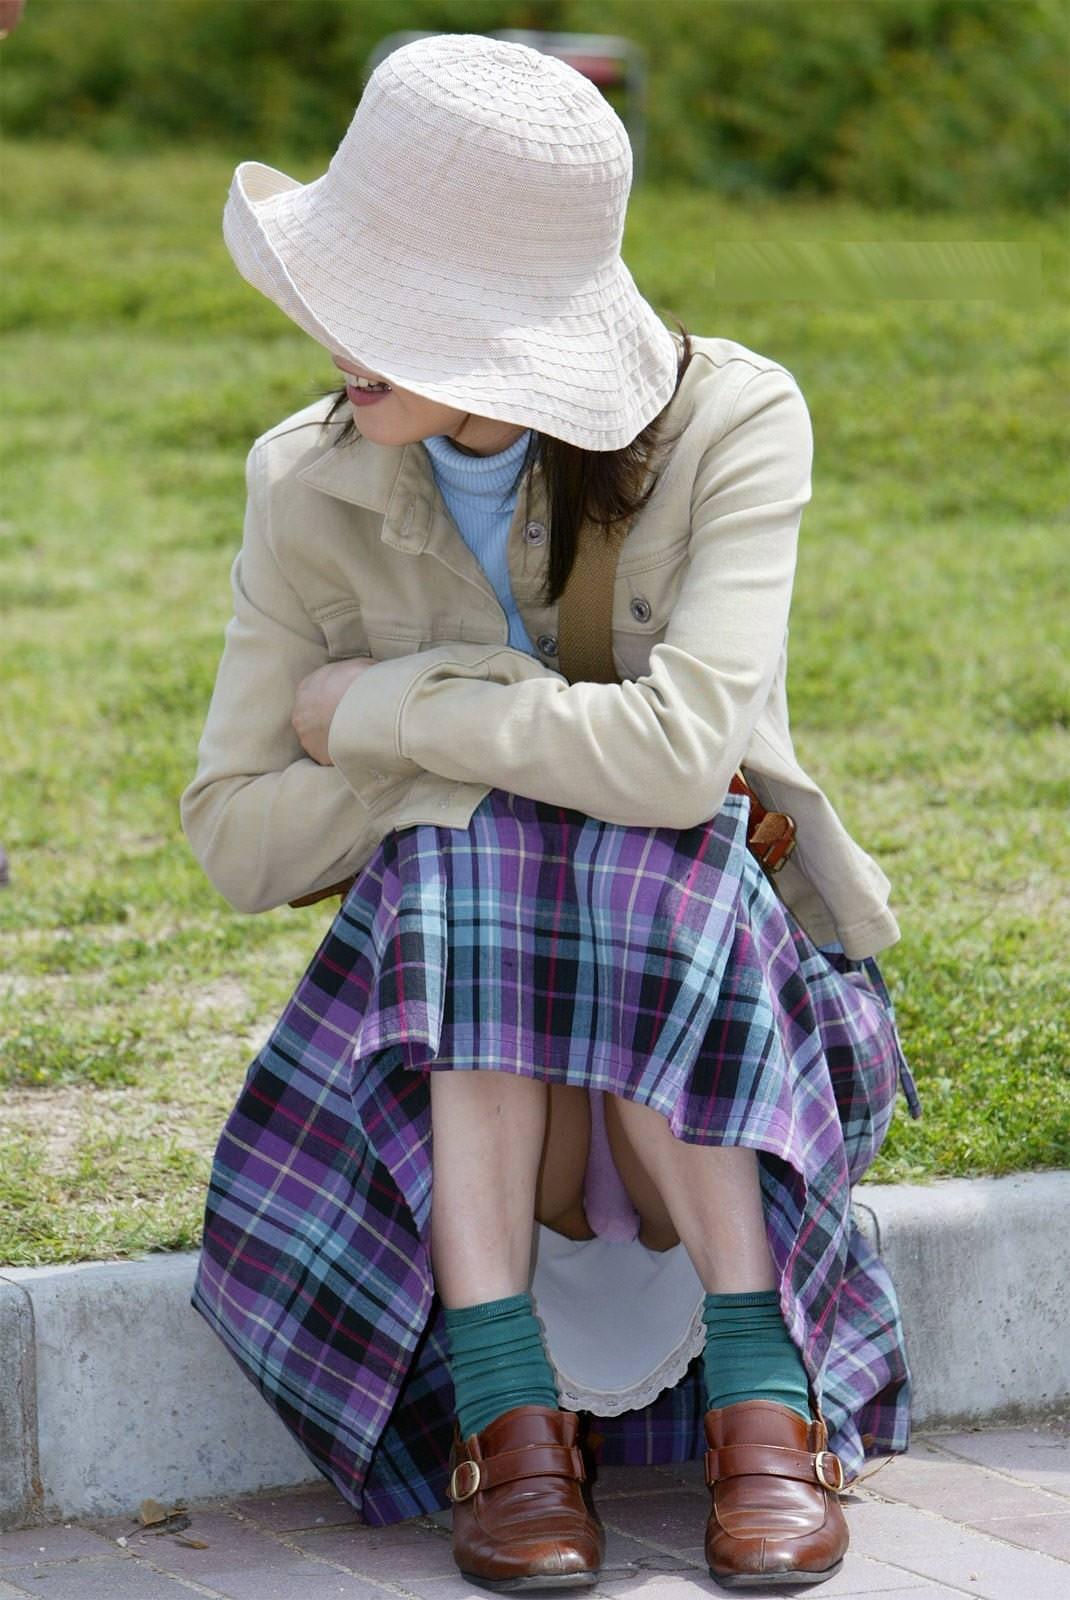 【人妻熟女】おばさんのパンチラでもチラ見えしたときの嬉しさは異常wwwwwwwwwww 2811